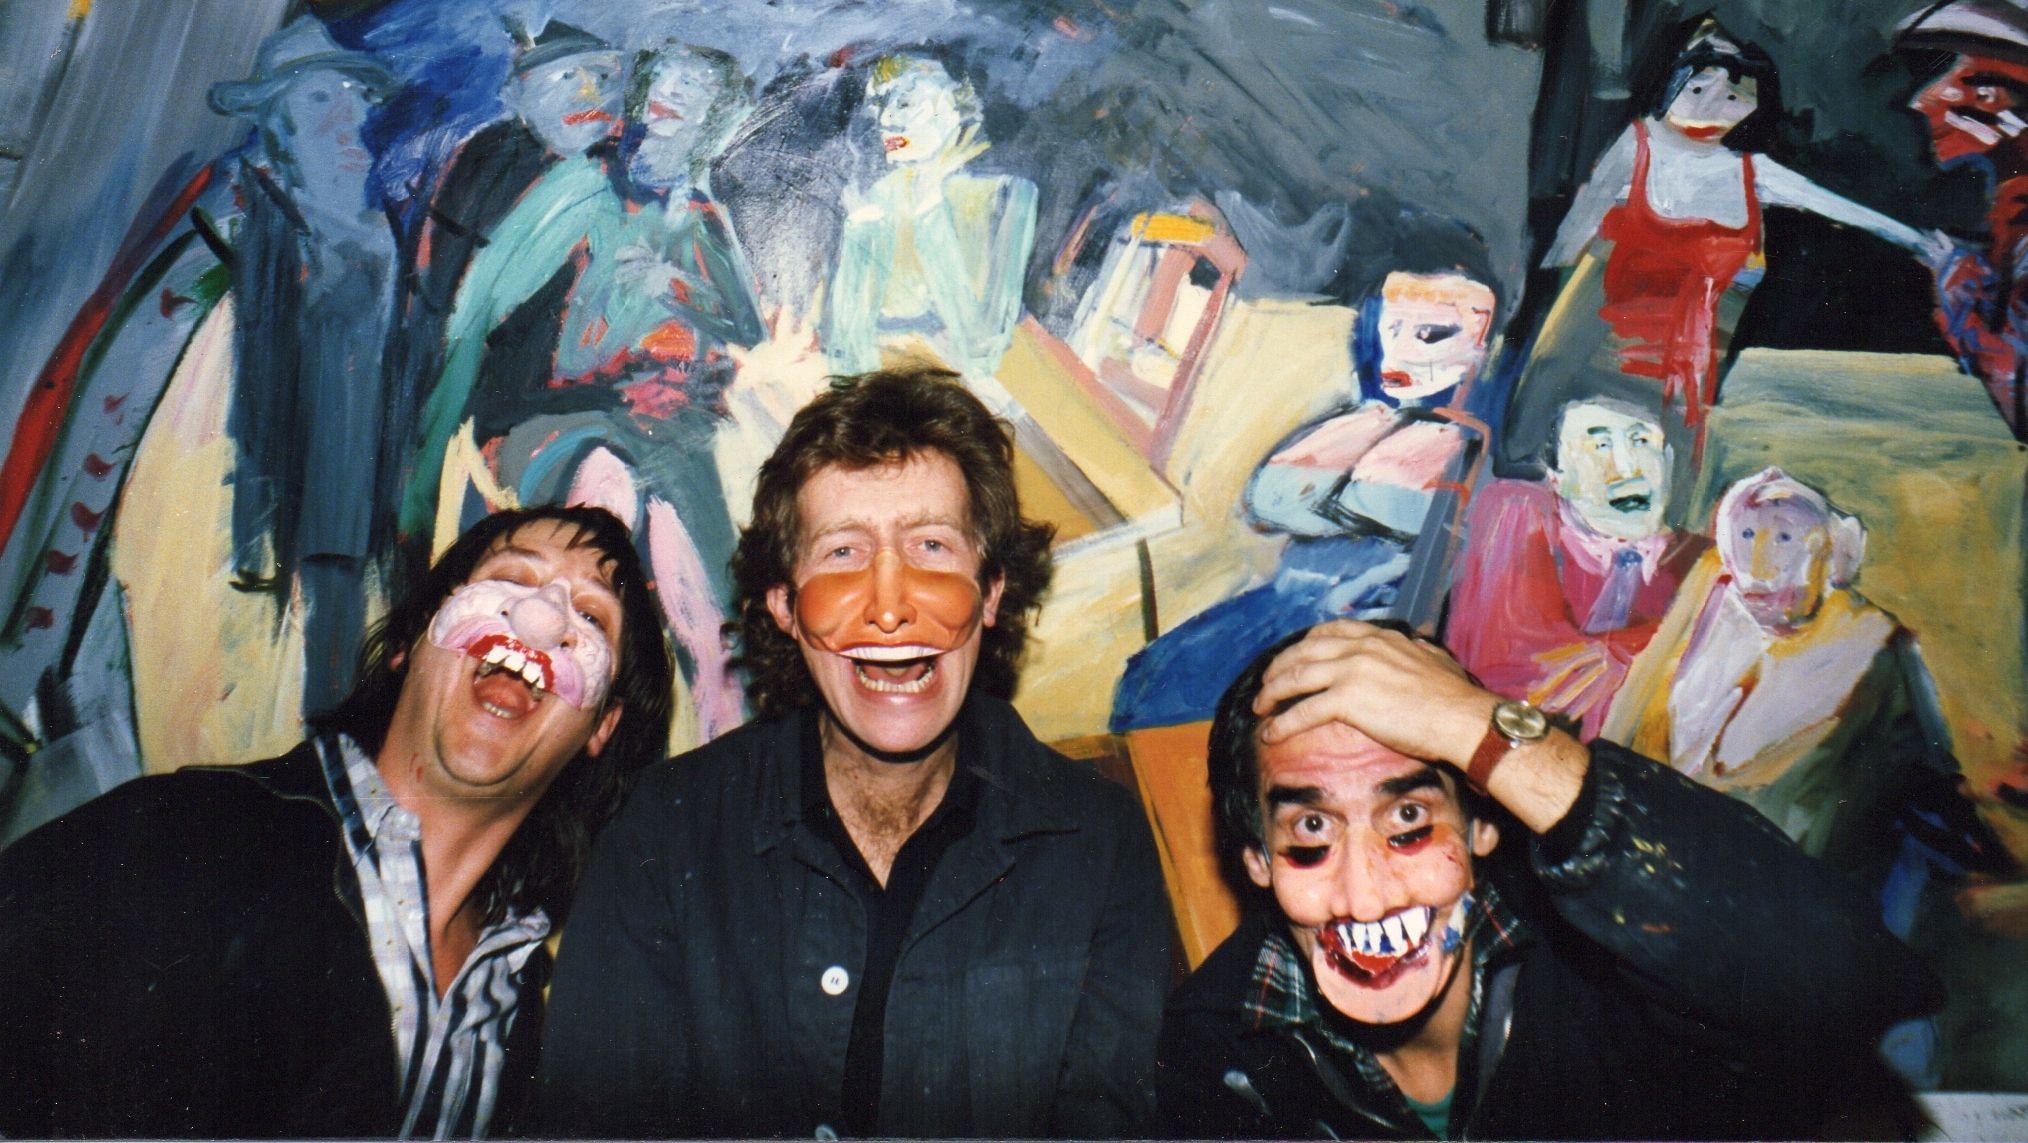 Die drei Gründer des King Kong Kunstkabinetts posieren mit Masken vor einem ihrer Werke (Aufnahme aus dem Jahr 1987)